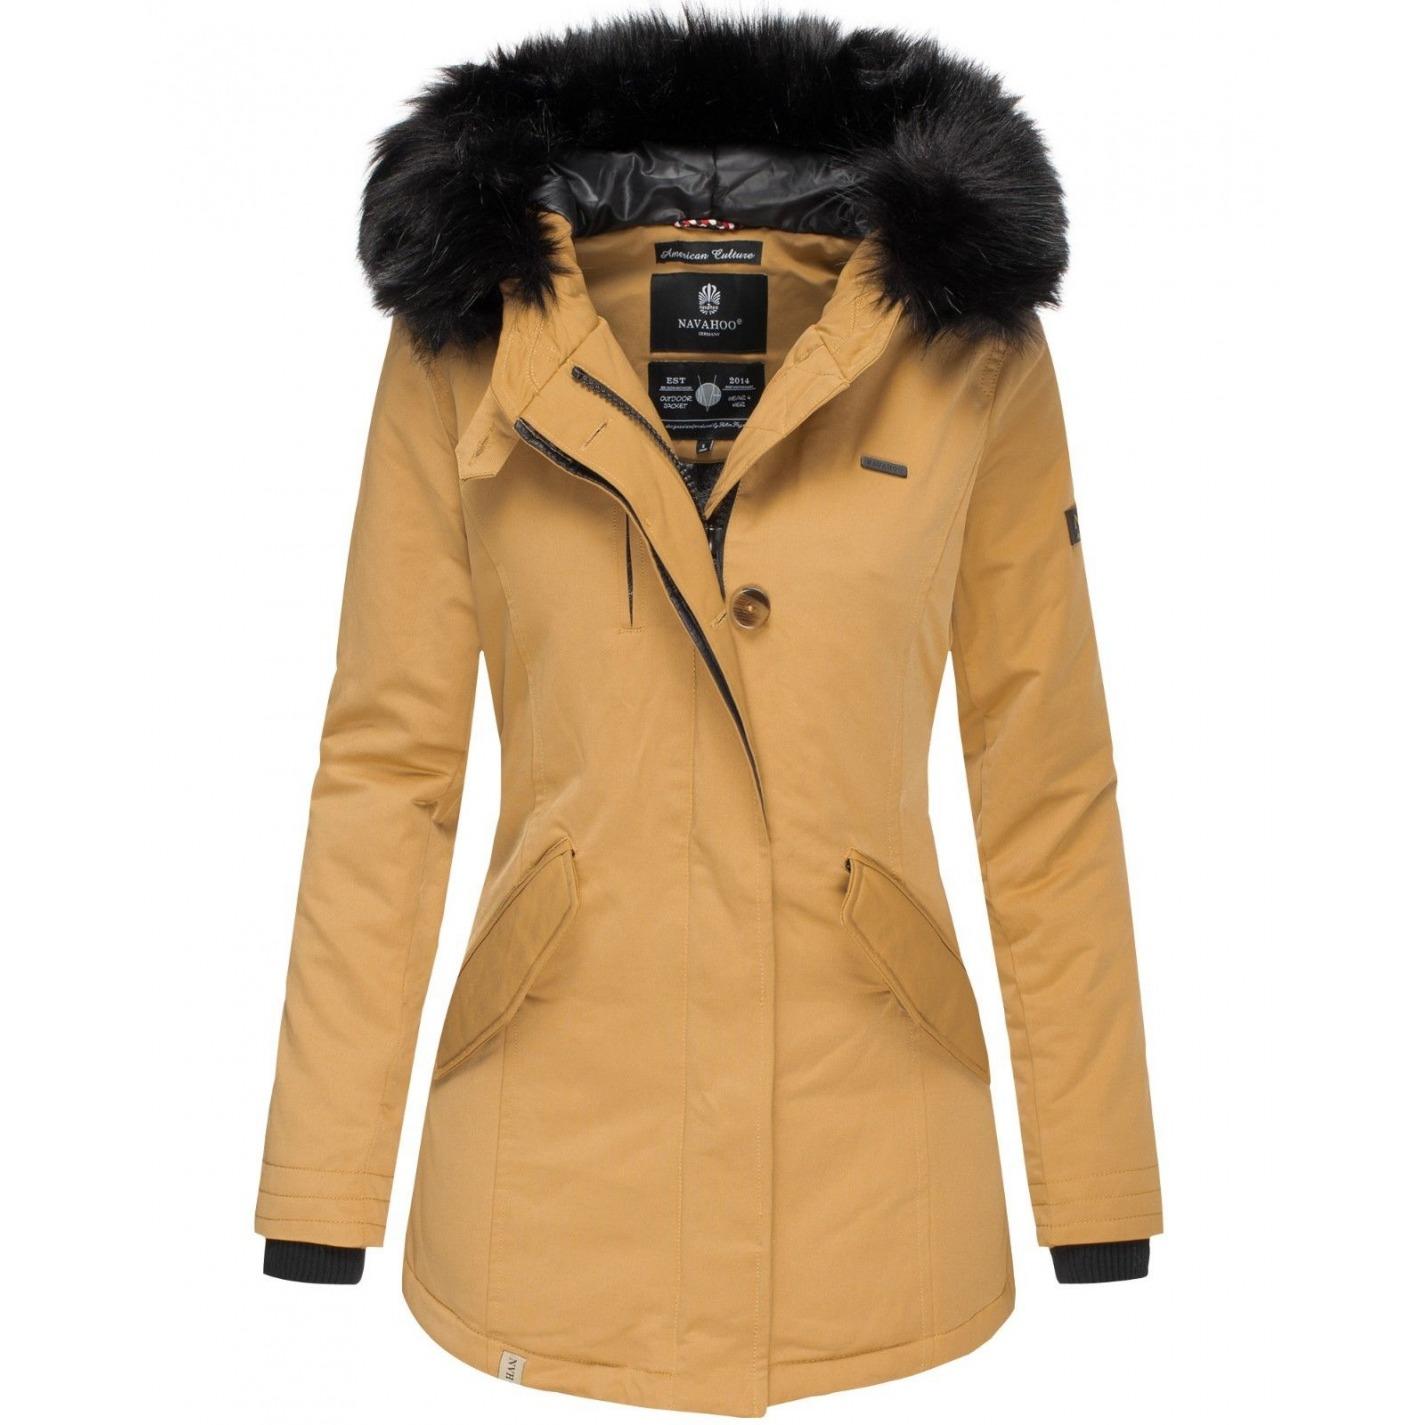 0008cb20038d Dámska Zimná Bunda Kristina Camel. Skutočne noblesný a atraktívny dámsky  zimný kabát ...